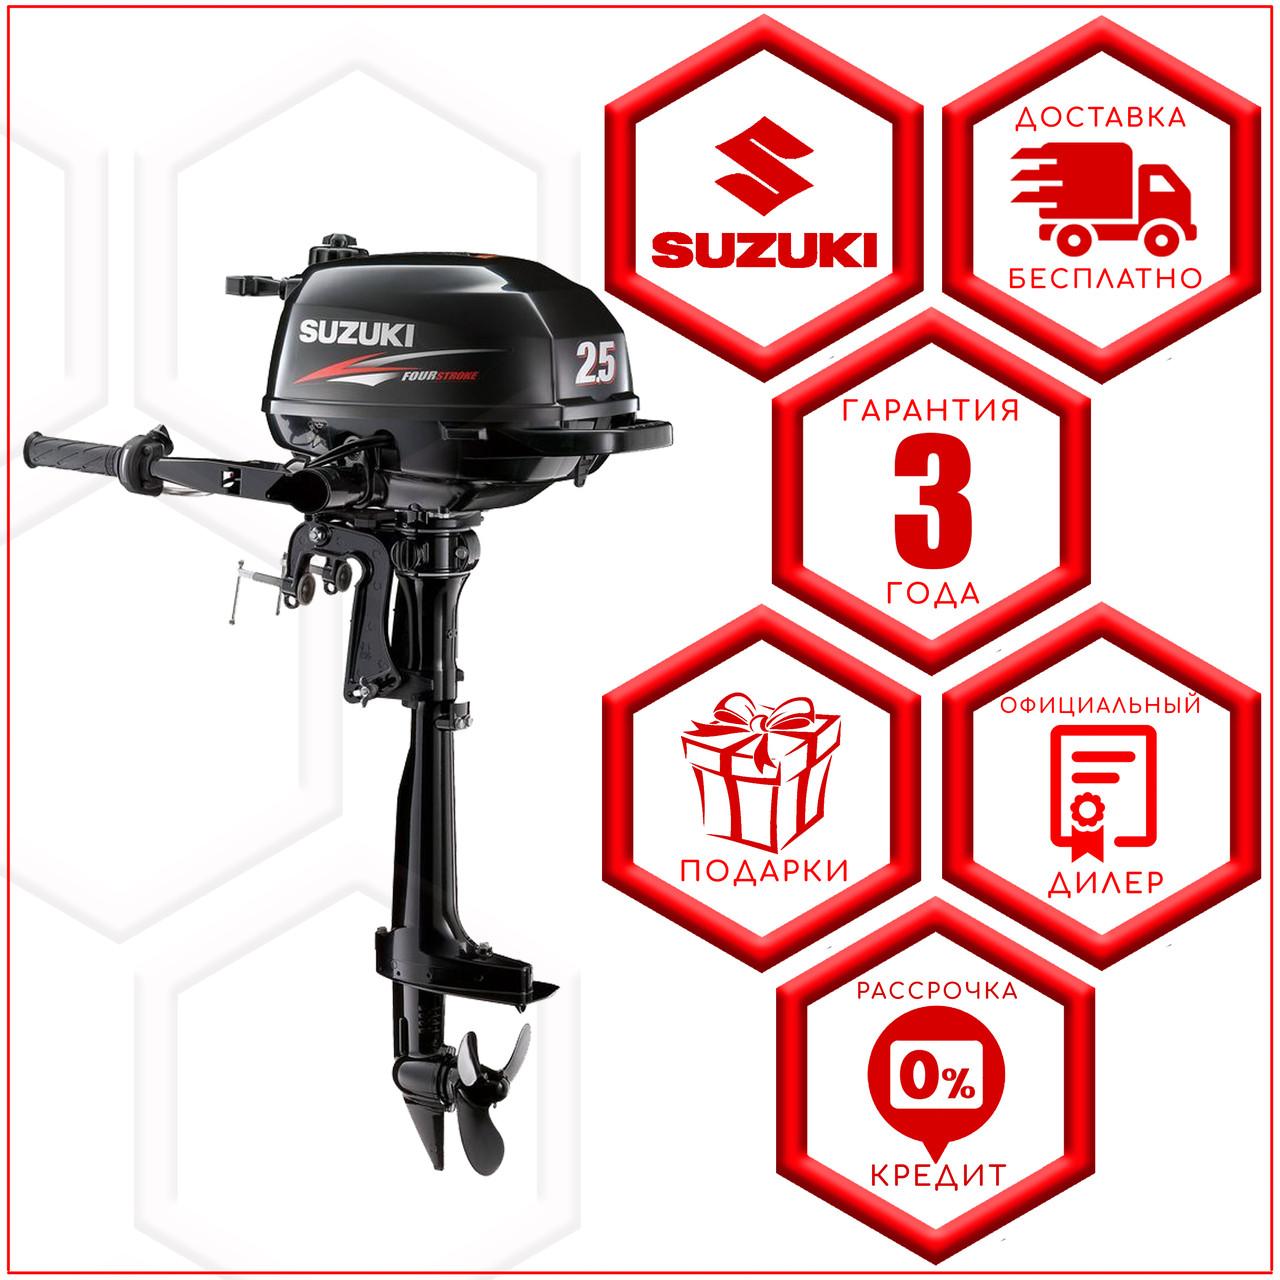 Лодочный четырехтактный бензомотор Suzuki (Сузуки) DF 2.5